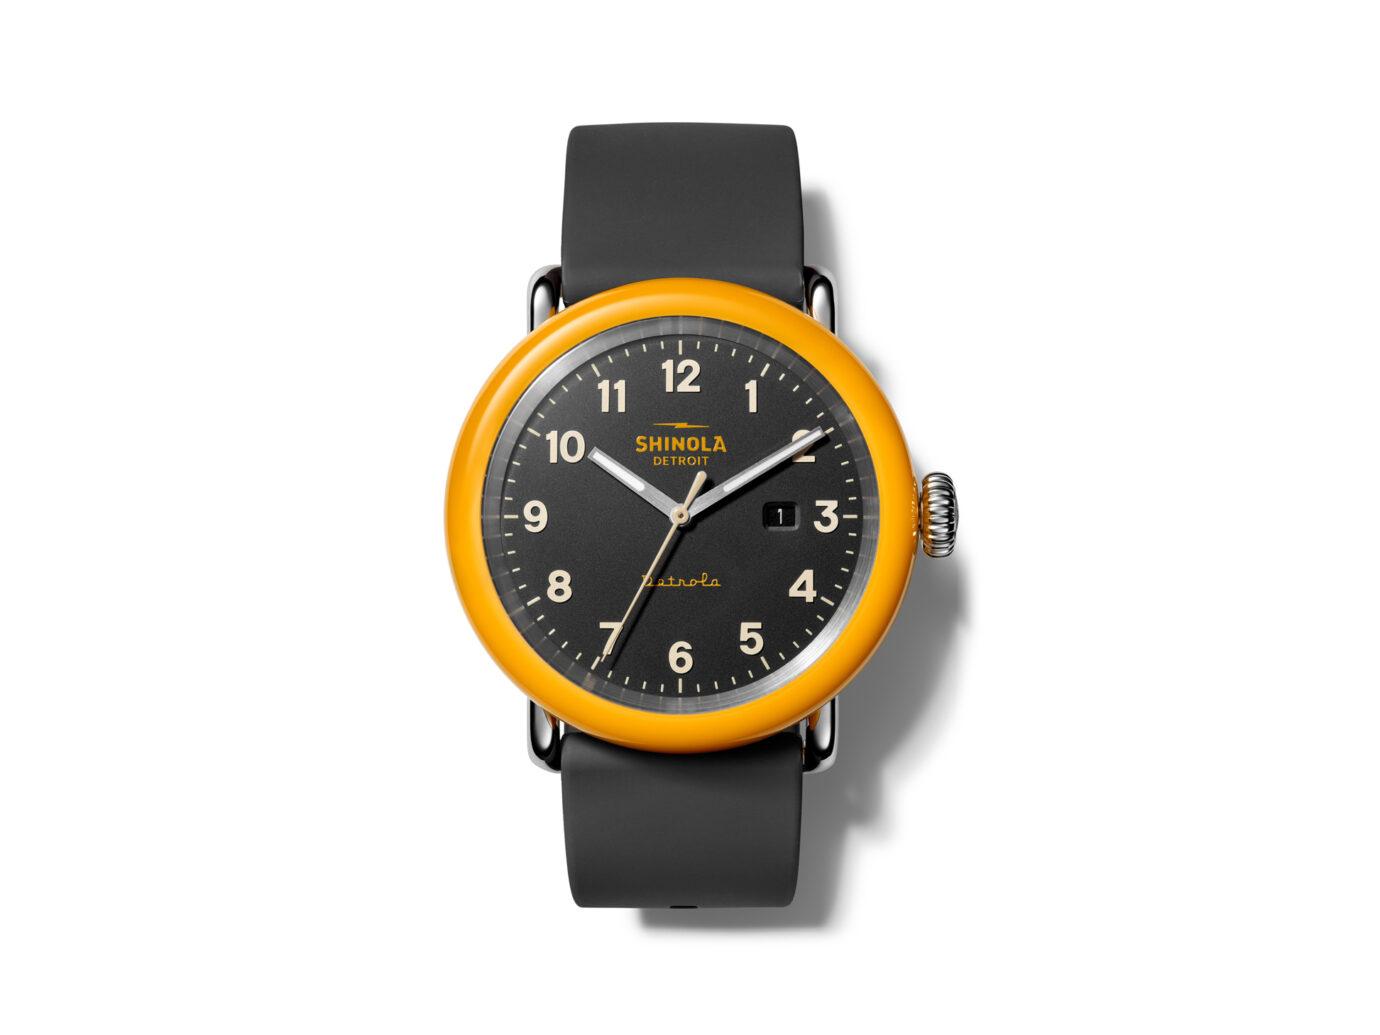 Shinola Detrola Silicone Strap Watch, 43mm